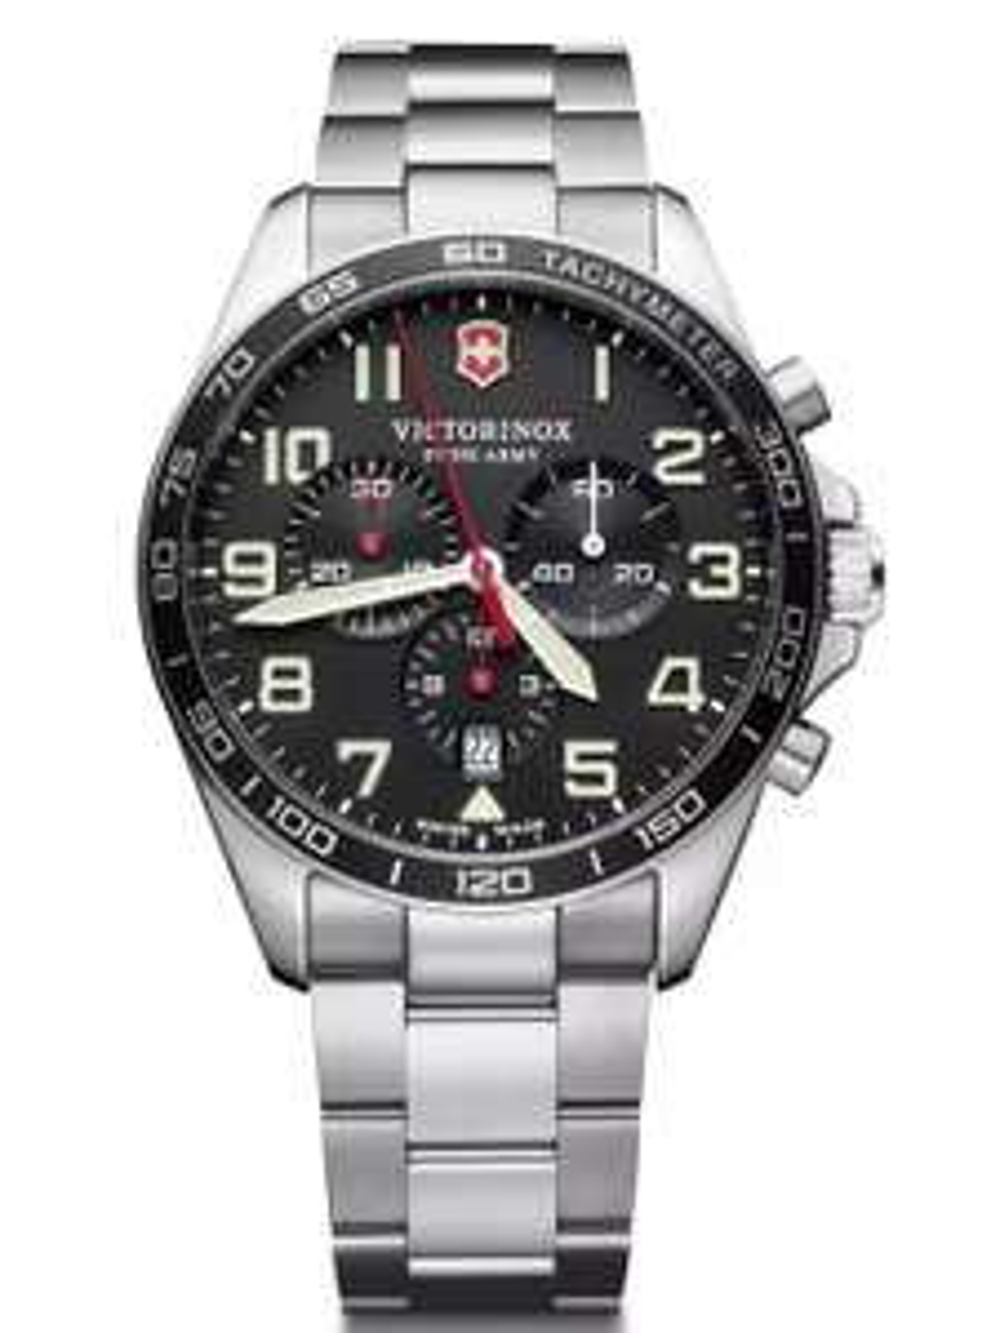 Victorinox 241855 Fieldforce Chrono Herren 42mm 10ATM Saphirglas @Timeshop24